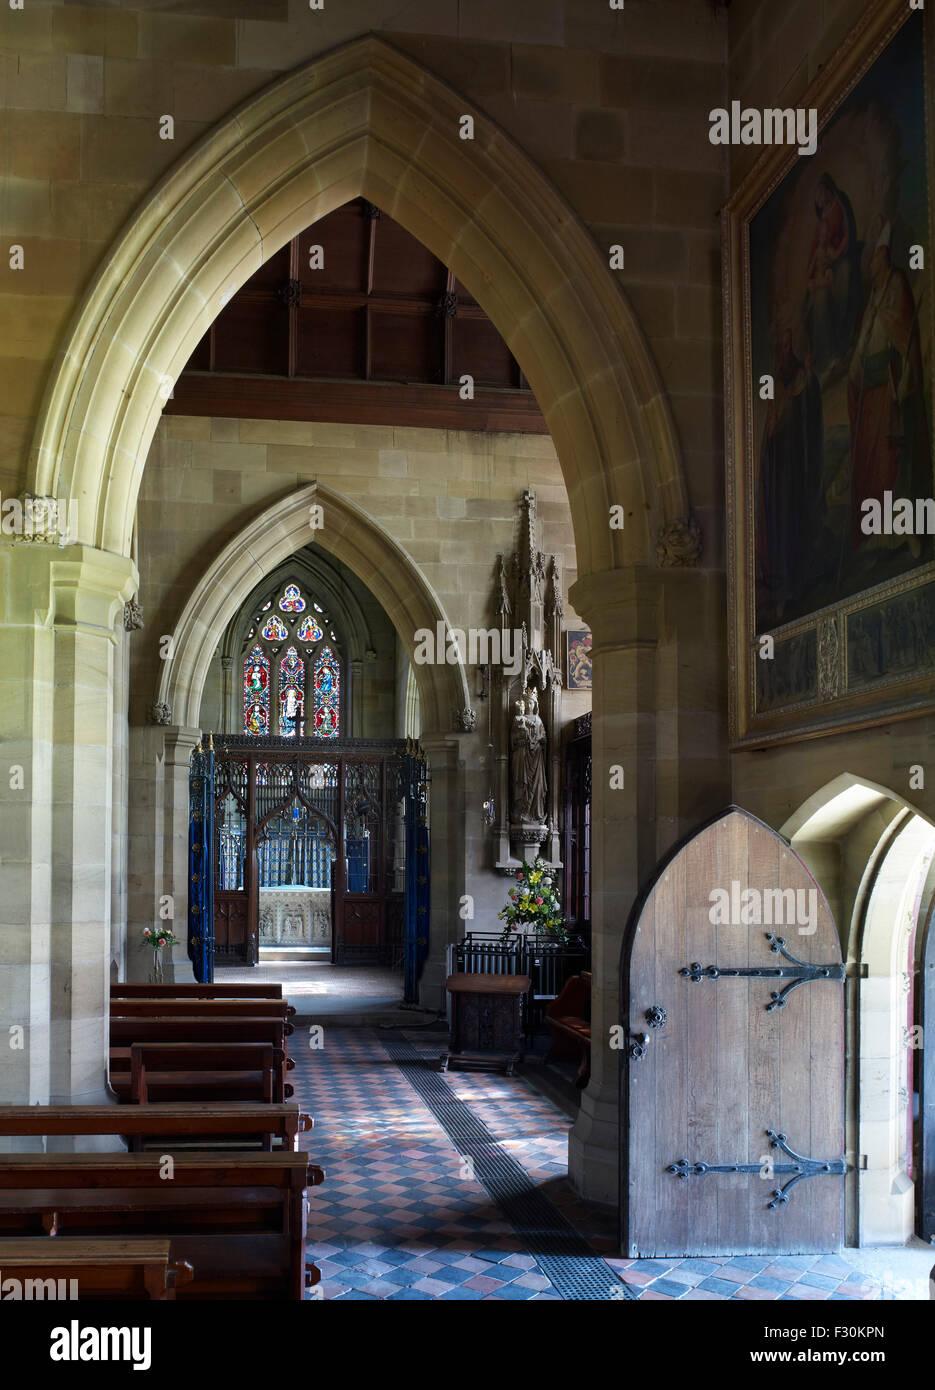 Ramsgate, St Augustine römisch-katholische Kirche, Kent. Interieur von a. Pugin im neugotischen Stil Stockbild